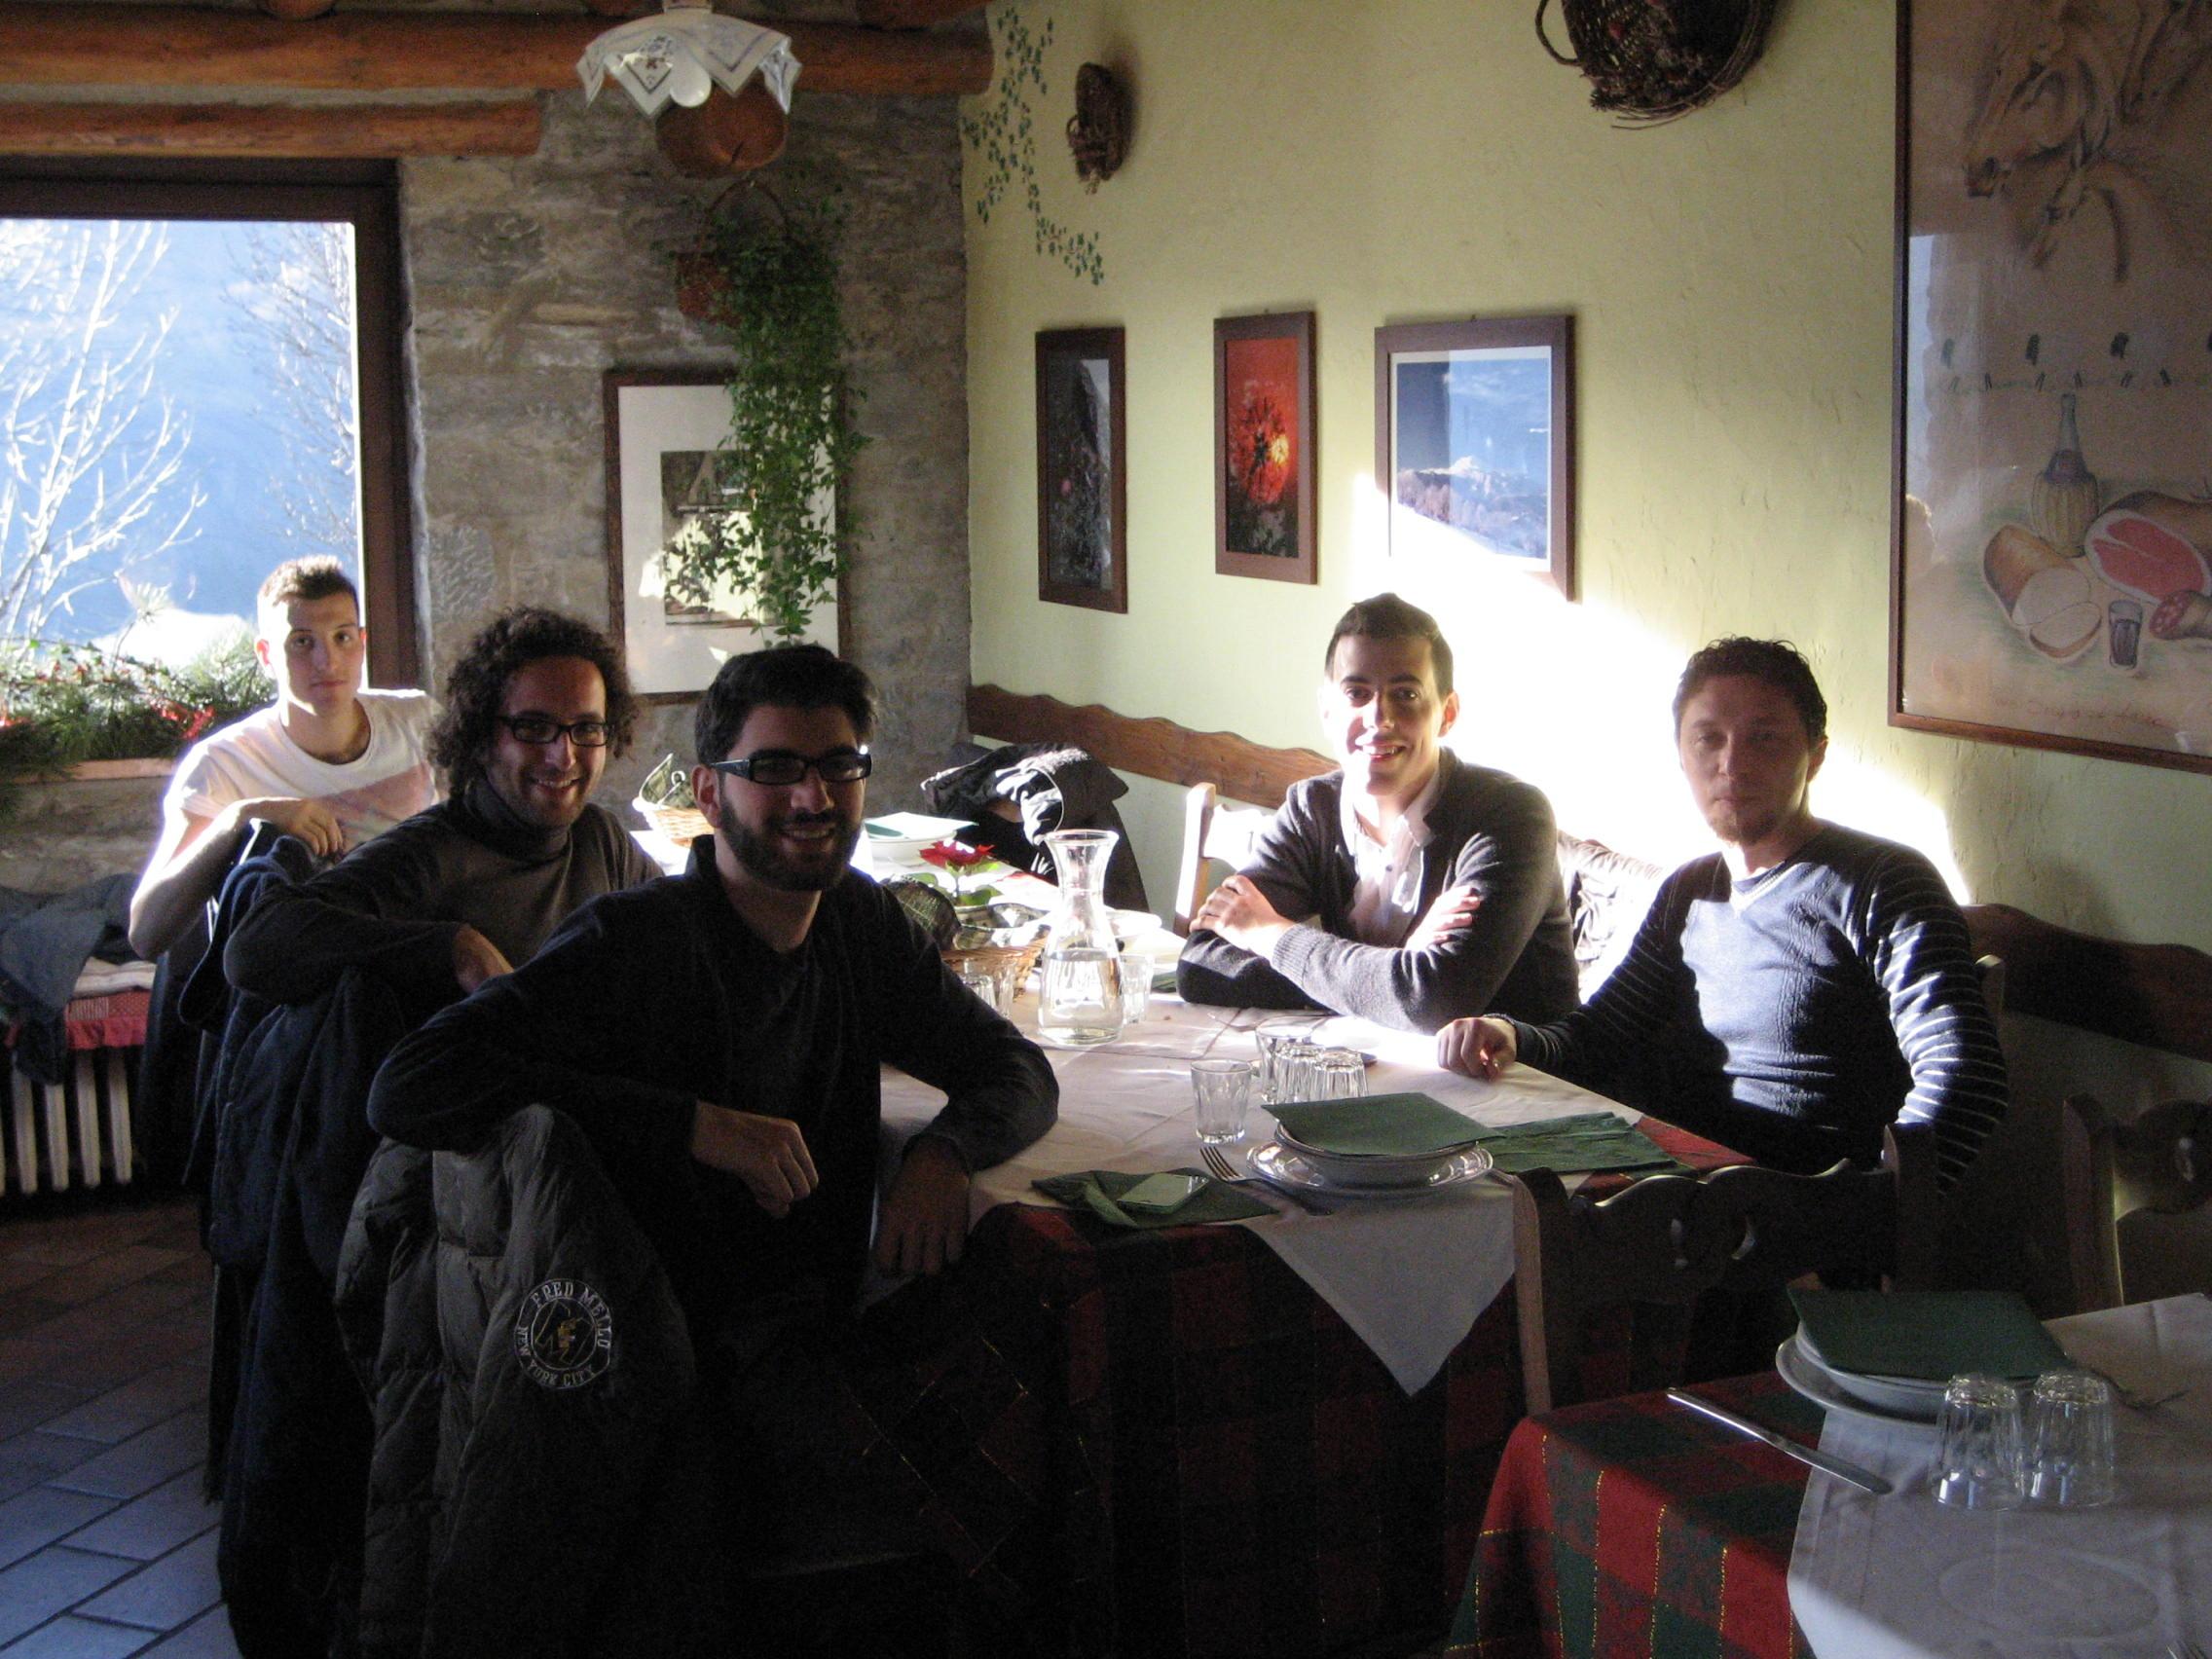 Raduno Natalizio Emiliano, Mantovano e Basso Veneto (e chiunque voglia unirsi): Sabato 20 Dicembre?-img_7802.jpg